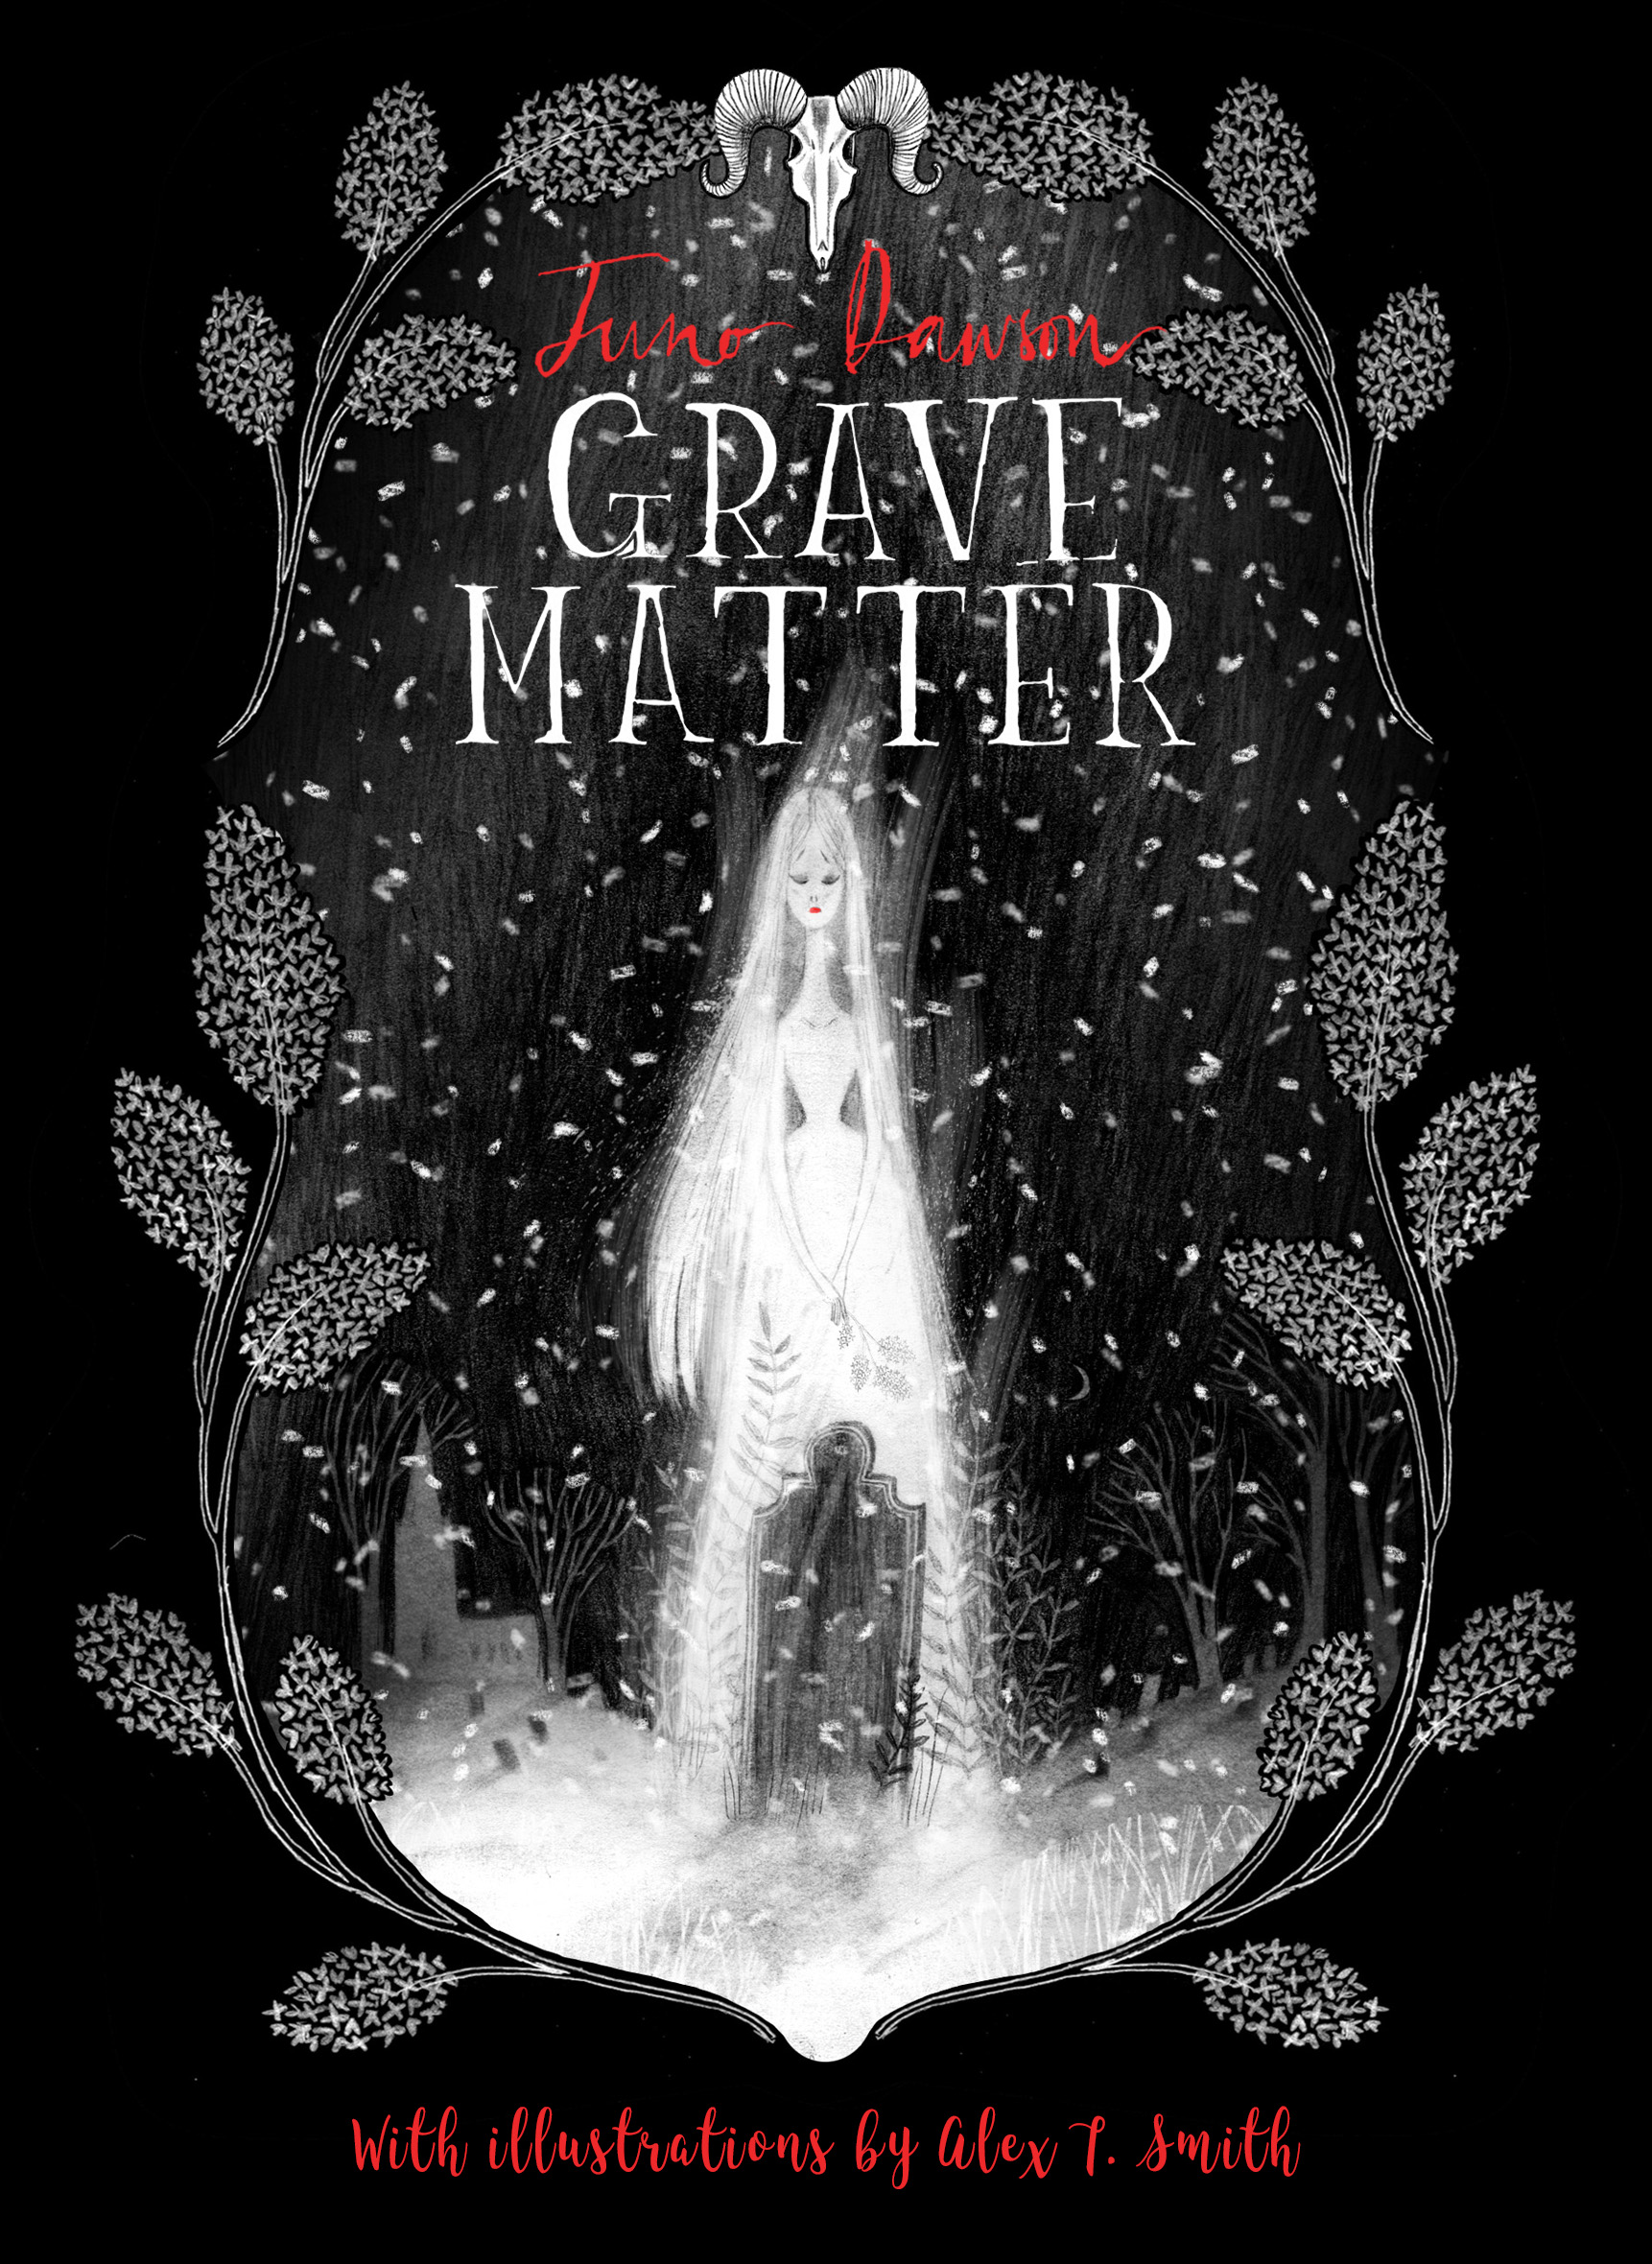 Juno Dawson's Grave Matter